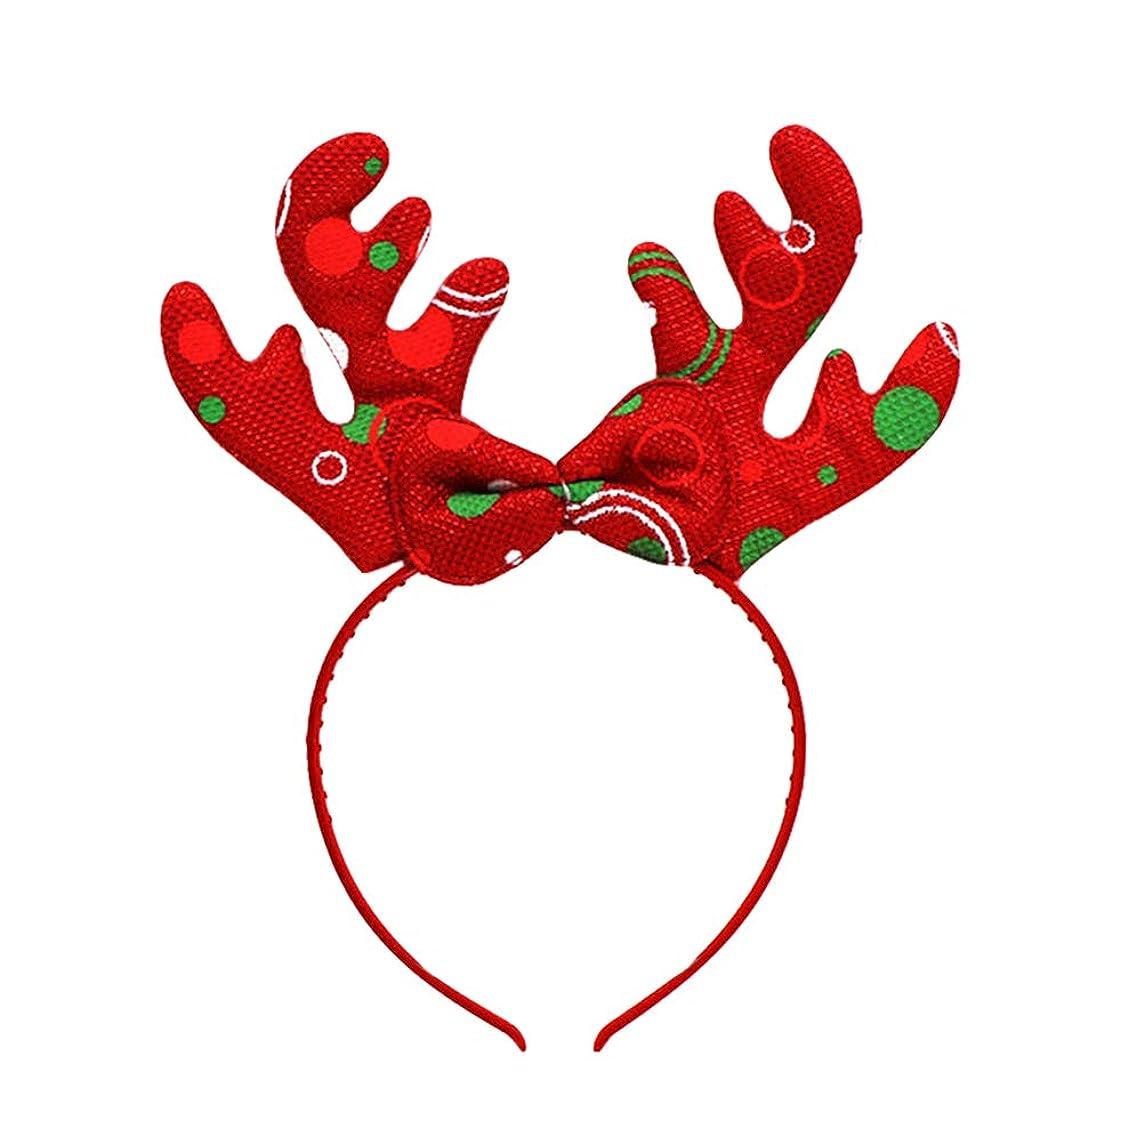 中止します年誰かBESTOYARD トナカイアントラーズヘッドバンドクリスマスデコレーションヘッドドレスヘアフープコスチュームヘアアクセサリー(ランダムカラー)